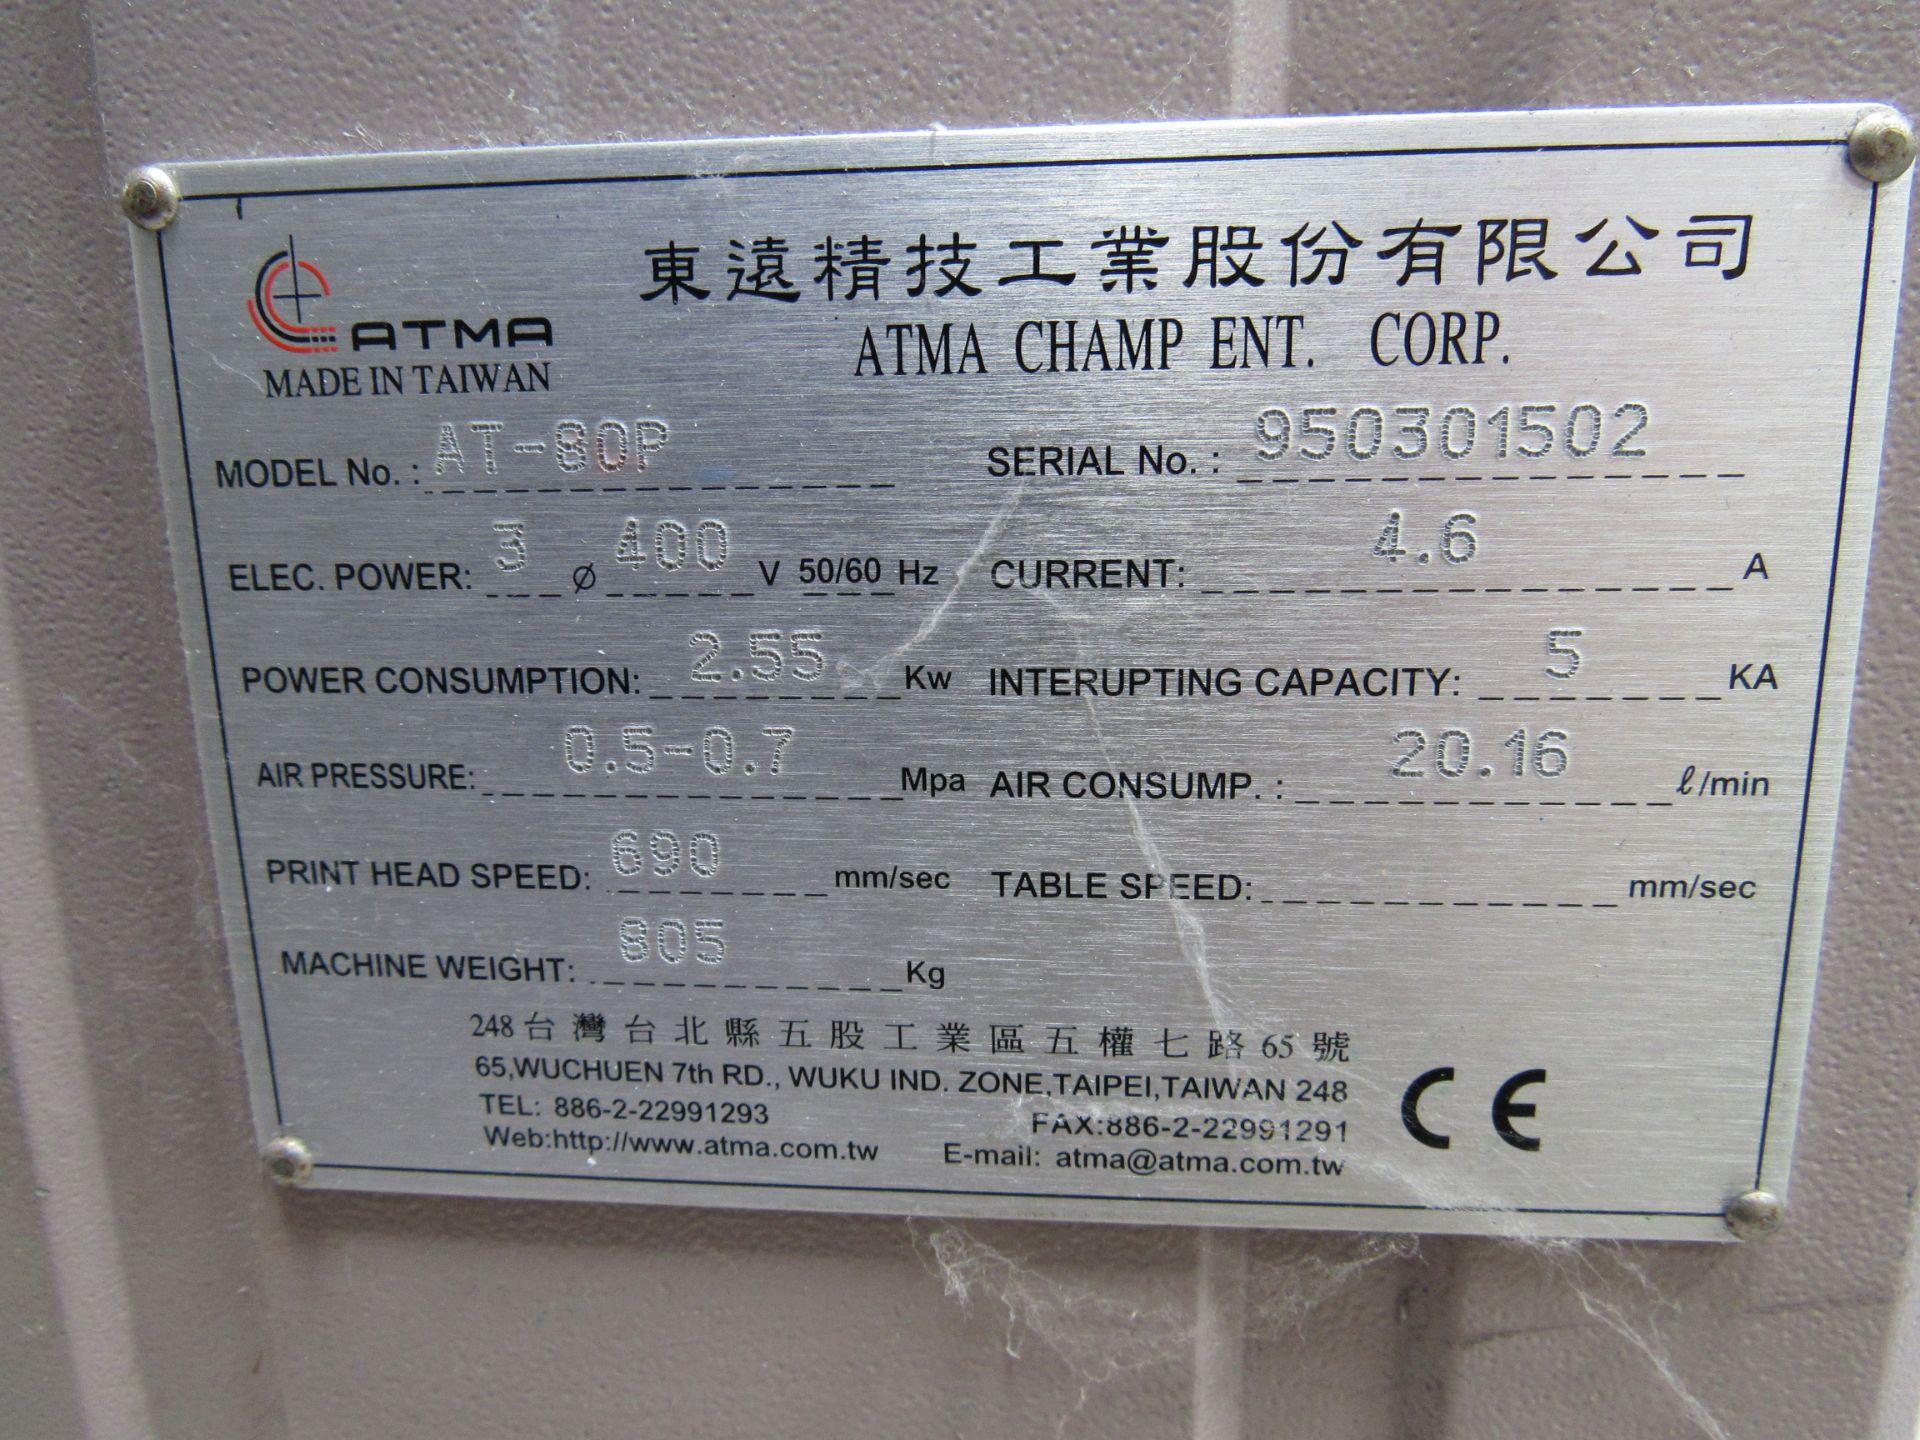 ATMA AT-80P Screen Printer 700x900mm, Serial Number 950301502 - Image 5 of 7